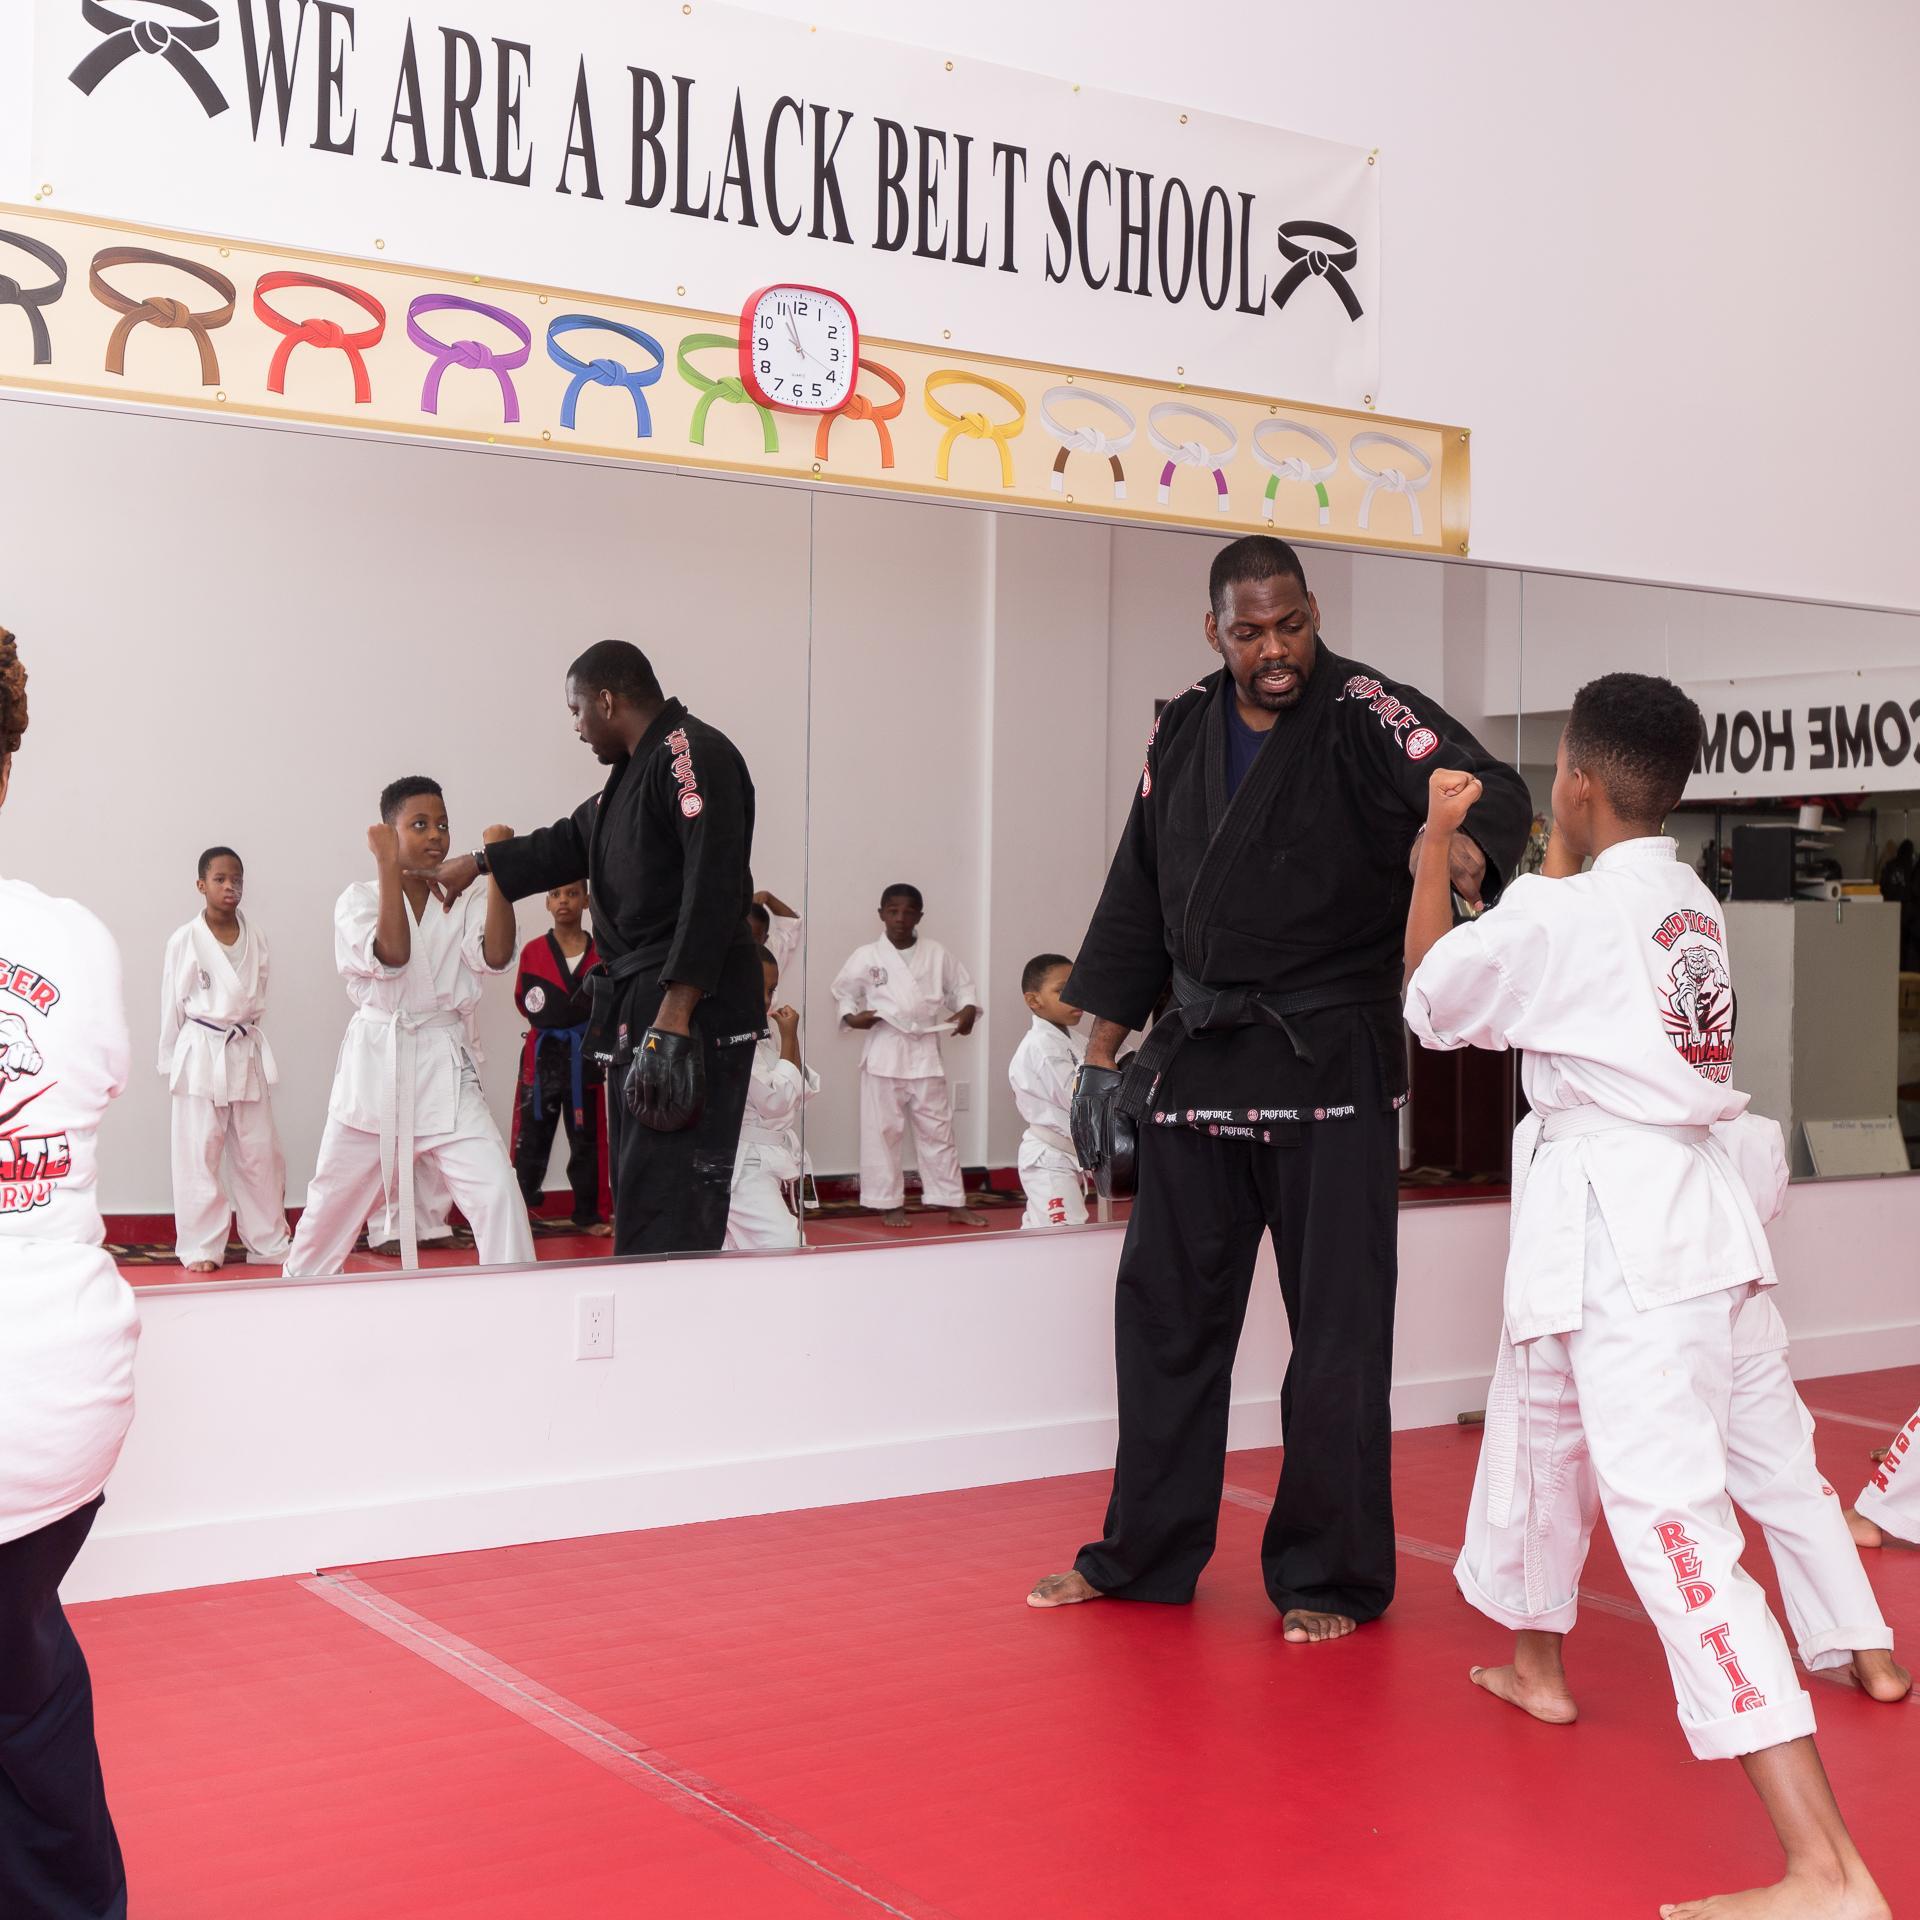 Red Tiger Jiu Jitsu Ryu